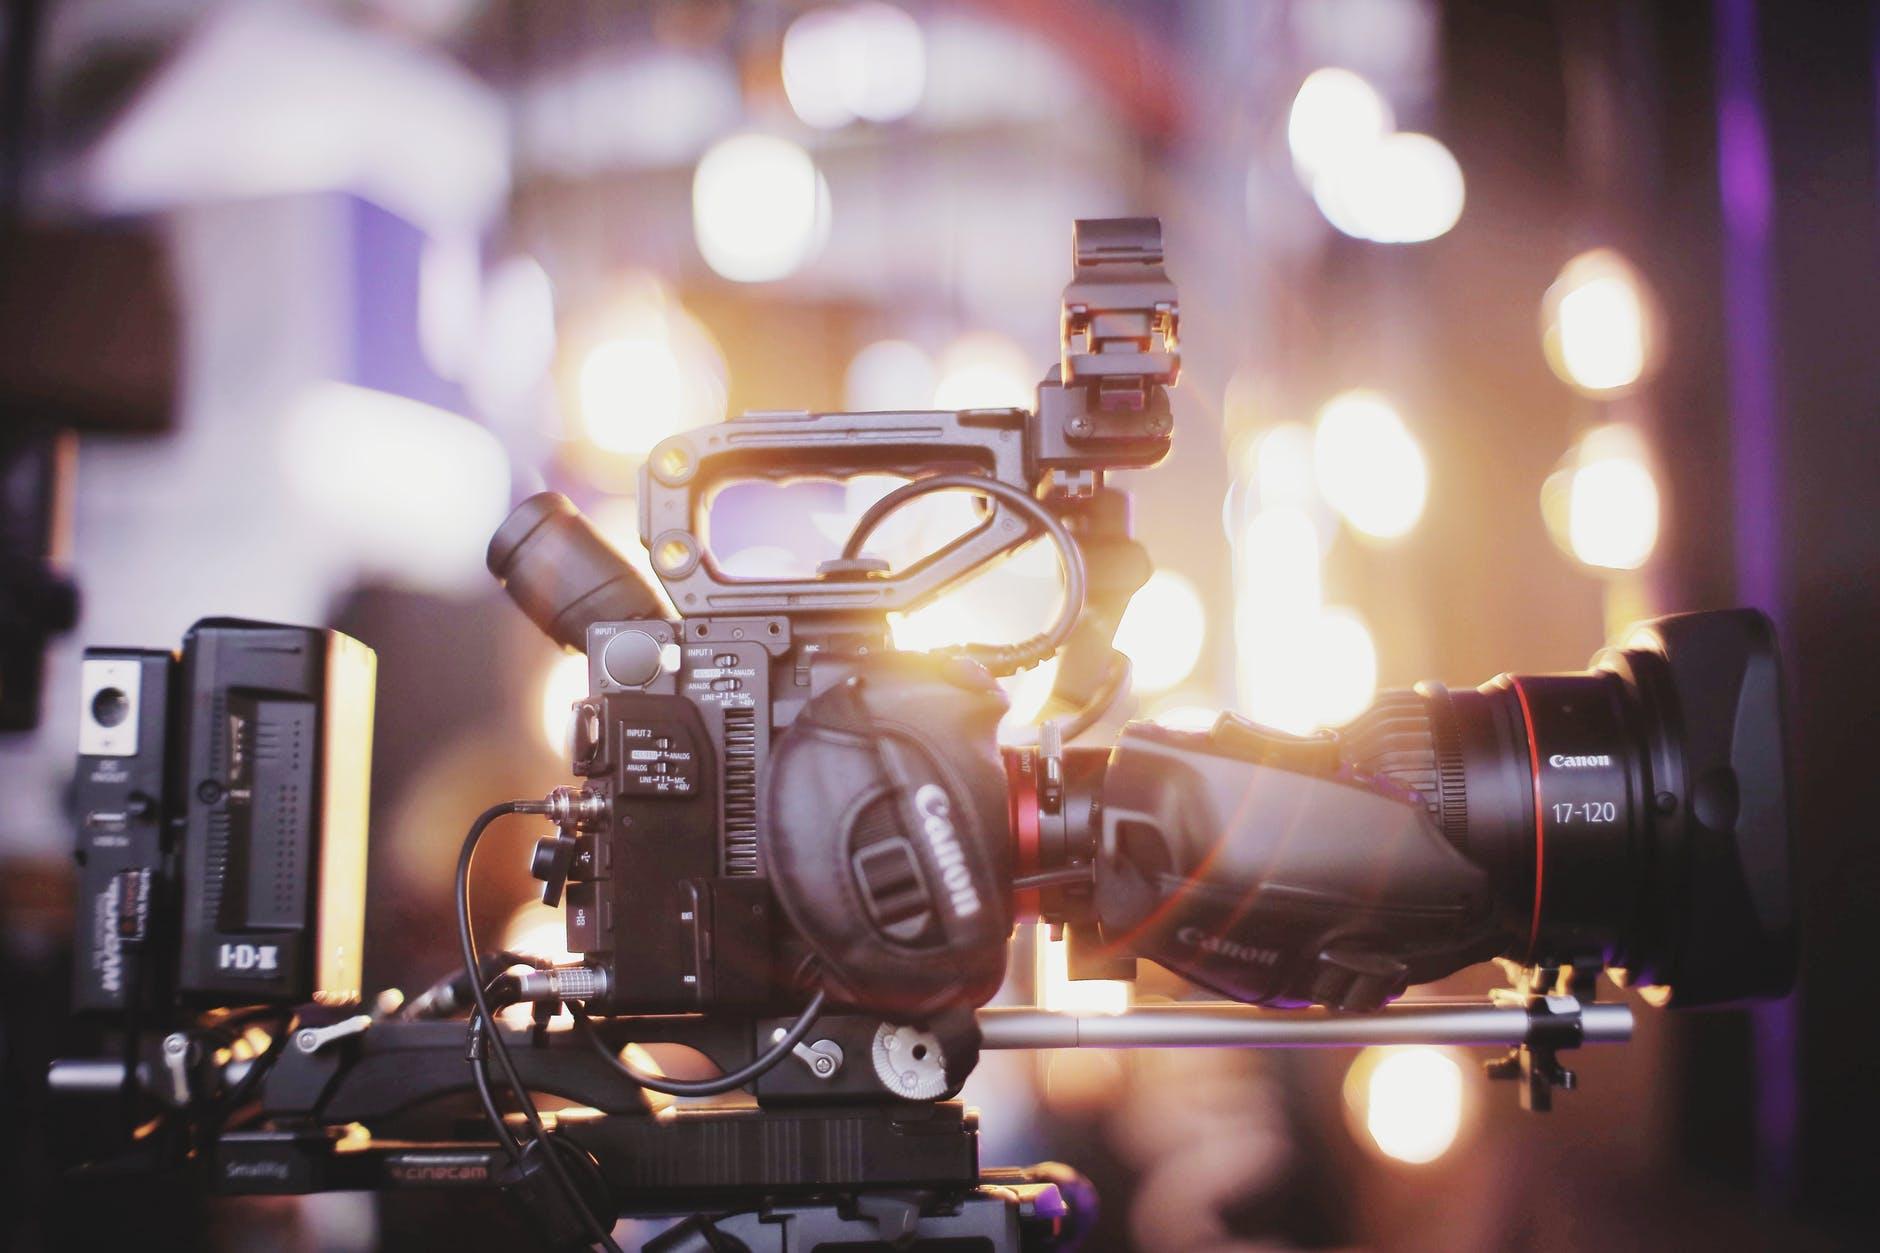 Mukbang Video Equipment